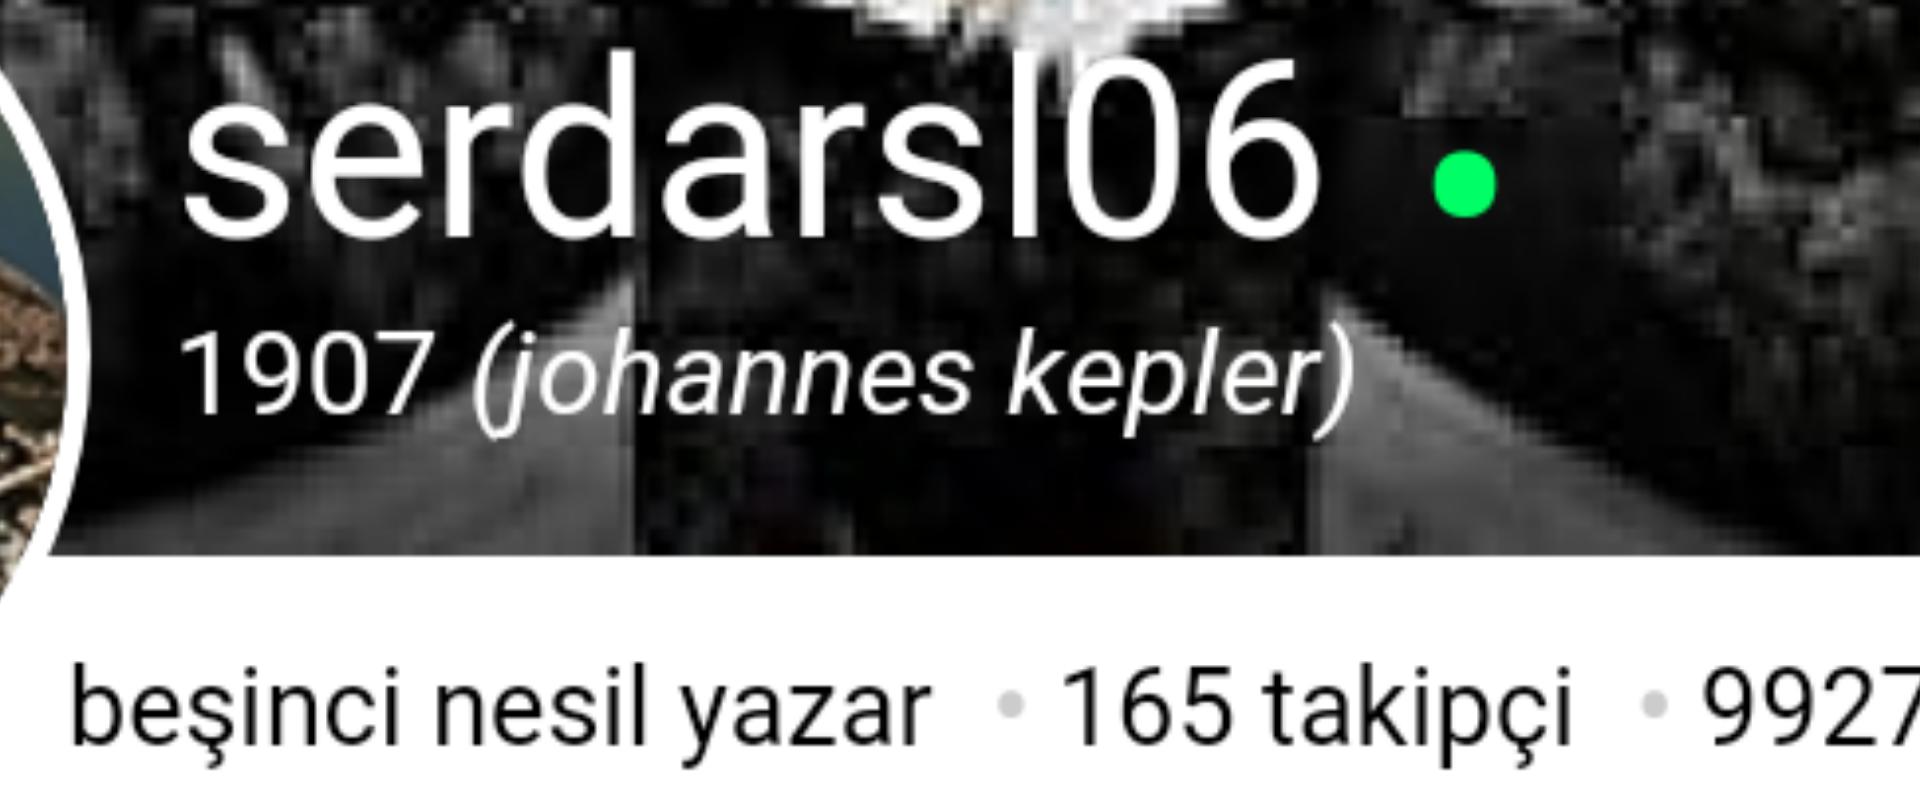 serdarsl06